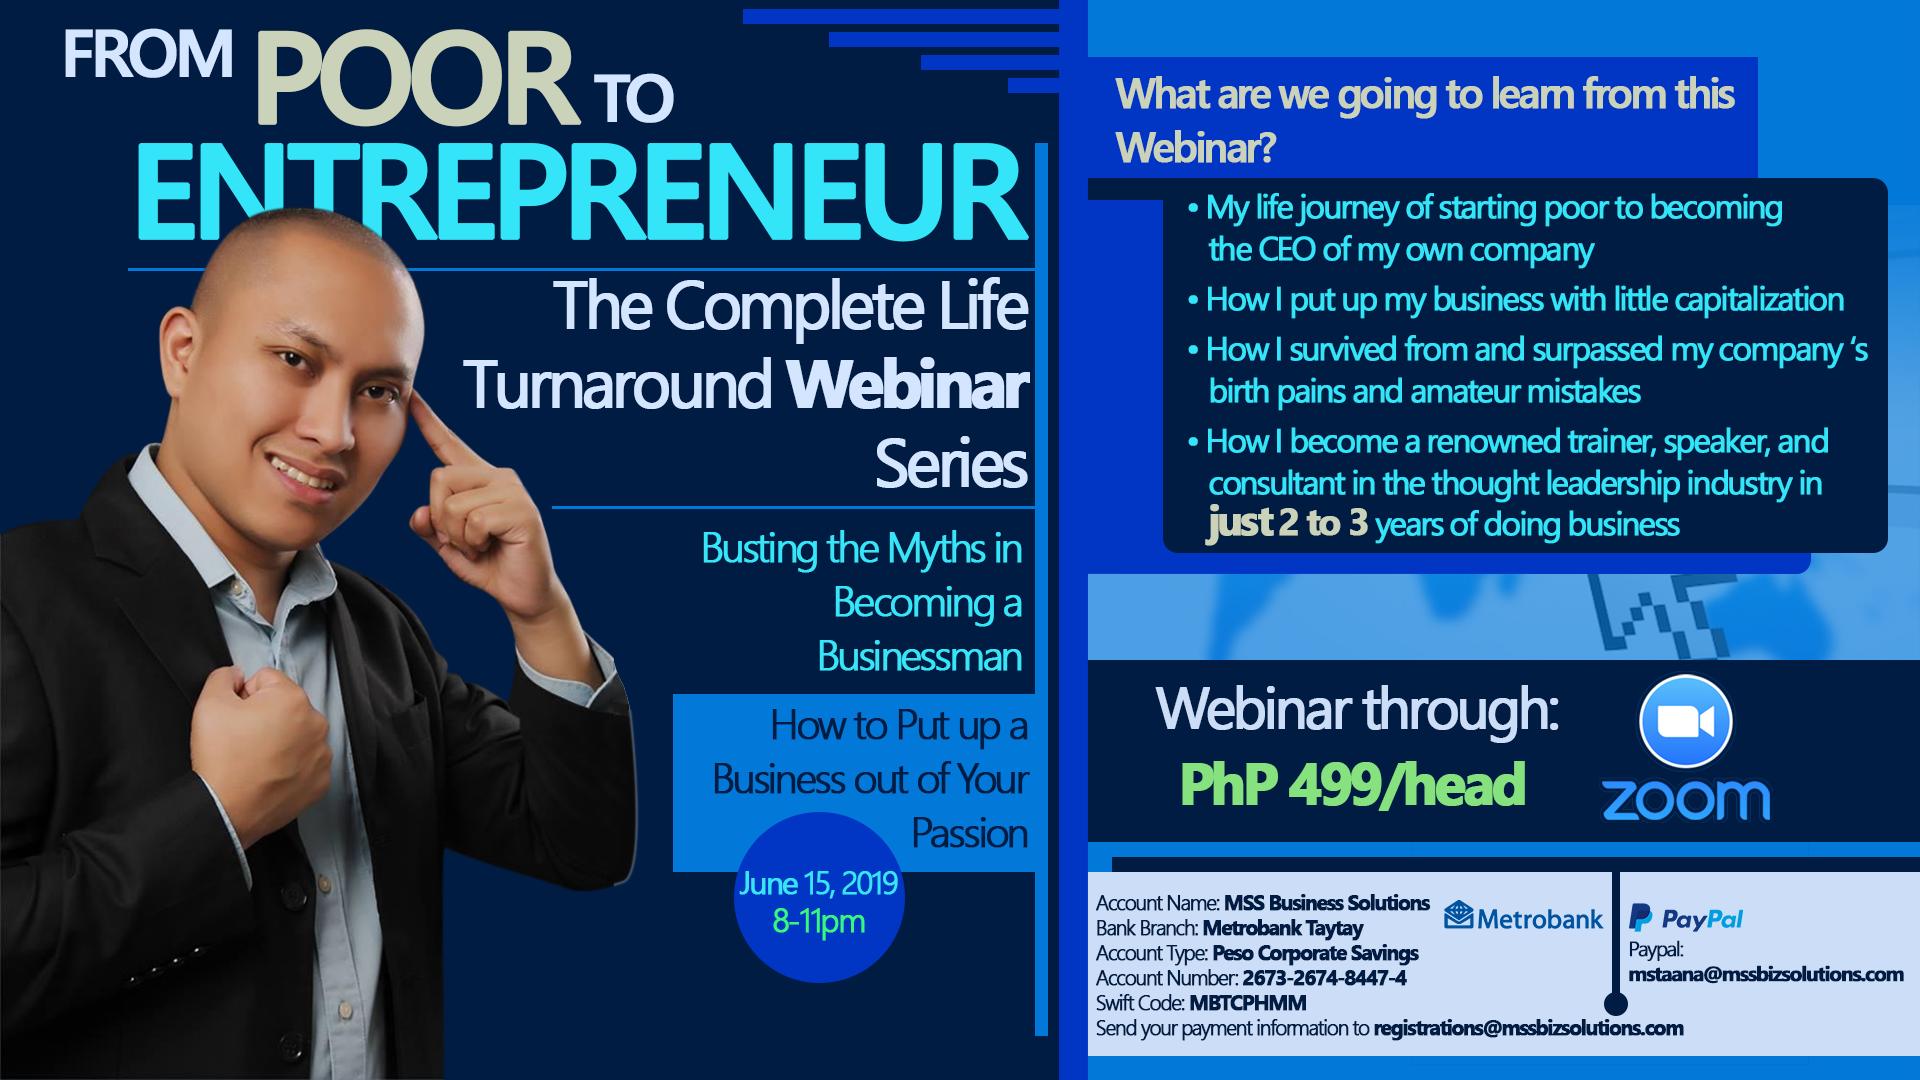 Entrepreneurship Webinar in the Philippines